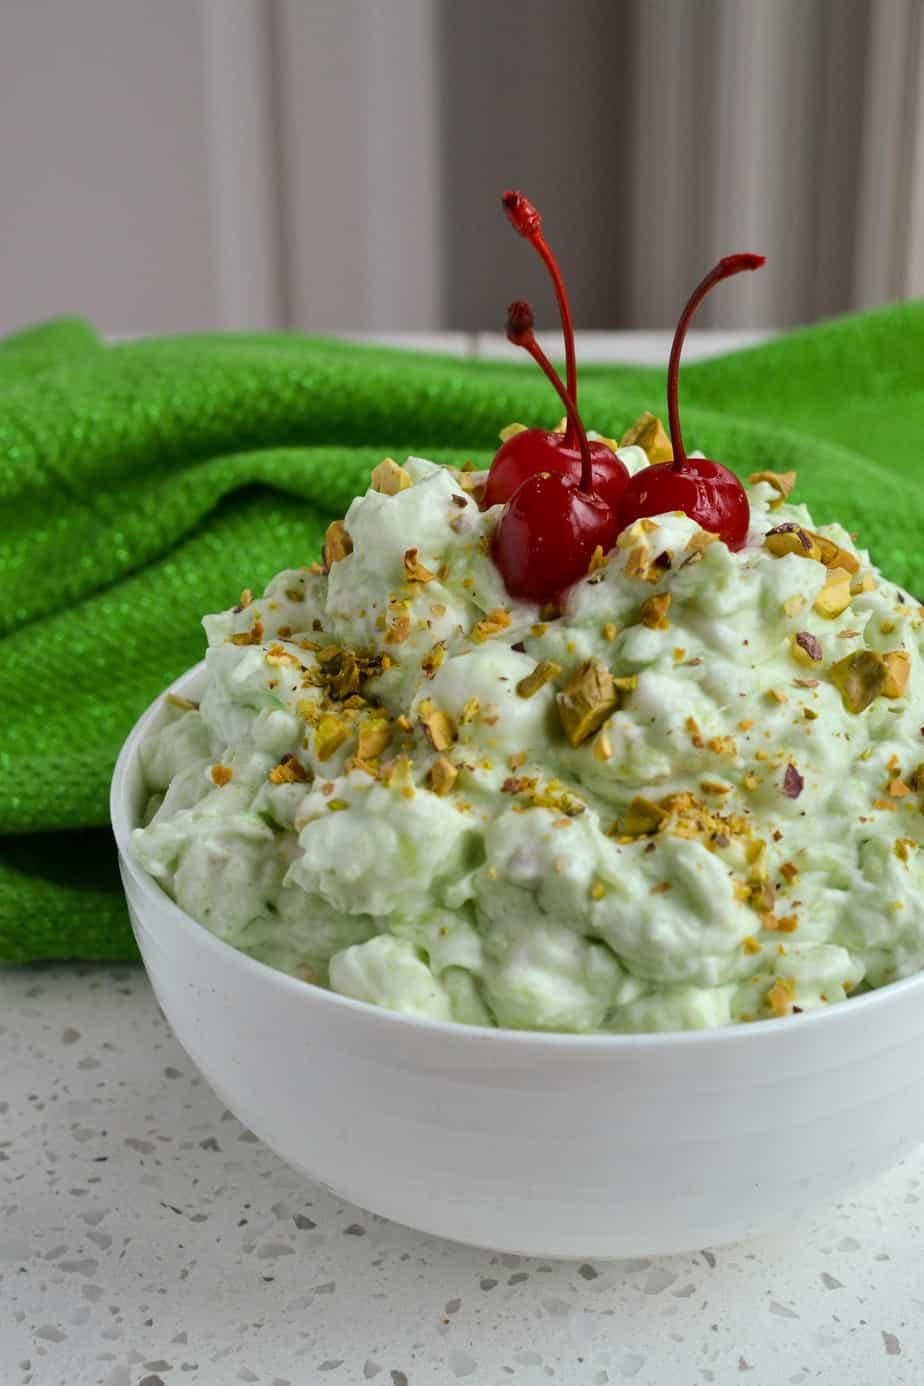 A bowl of pistachio fluff